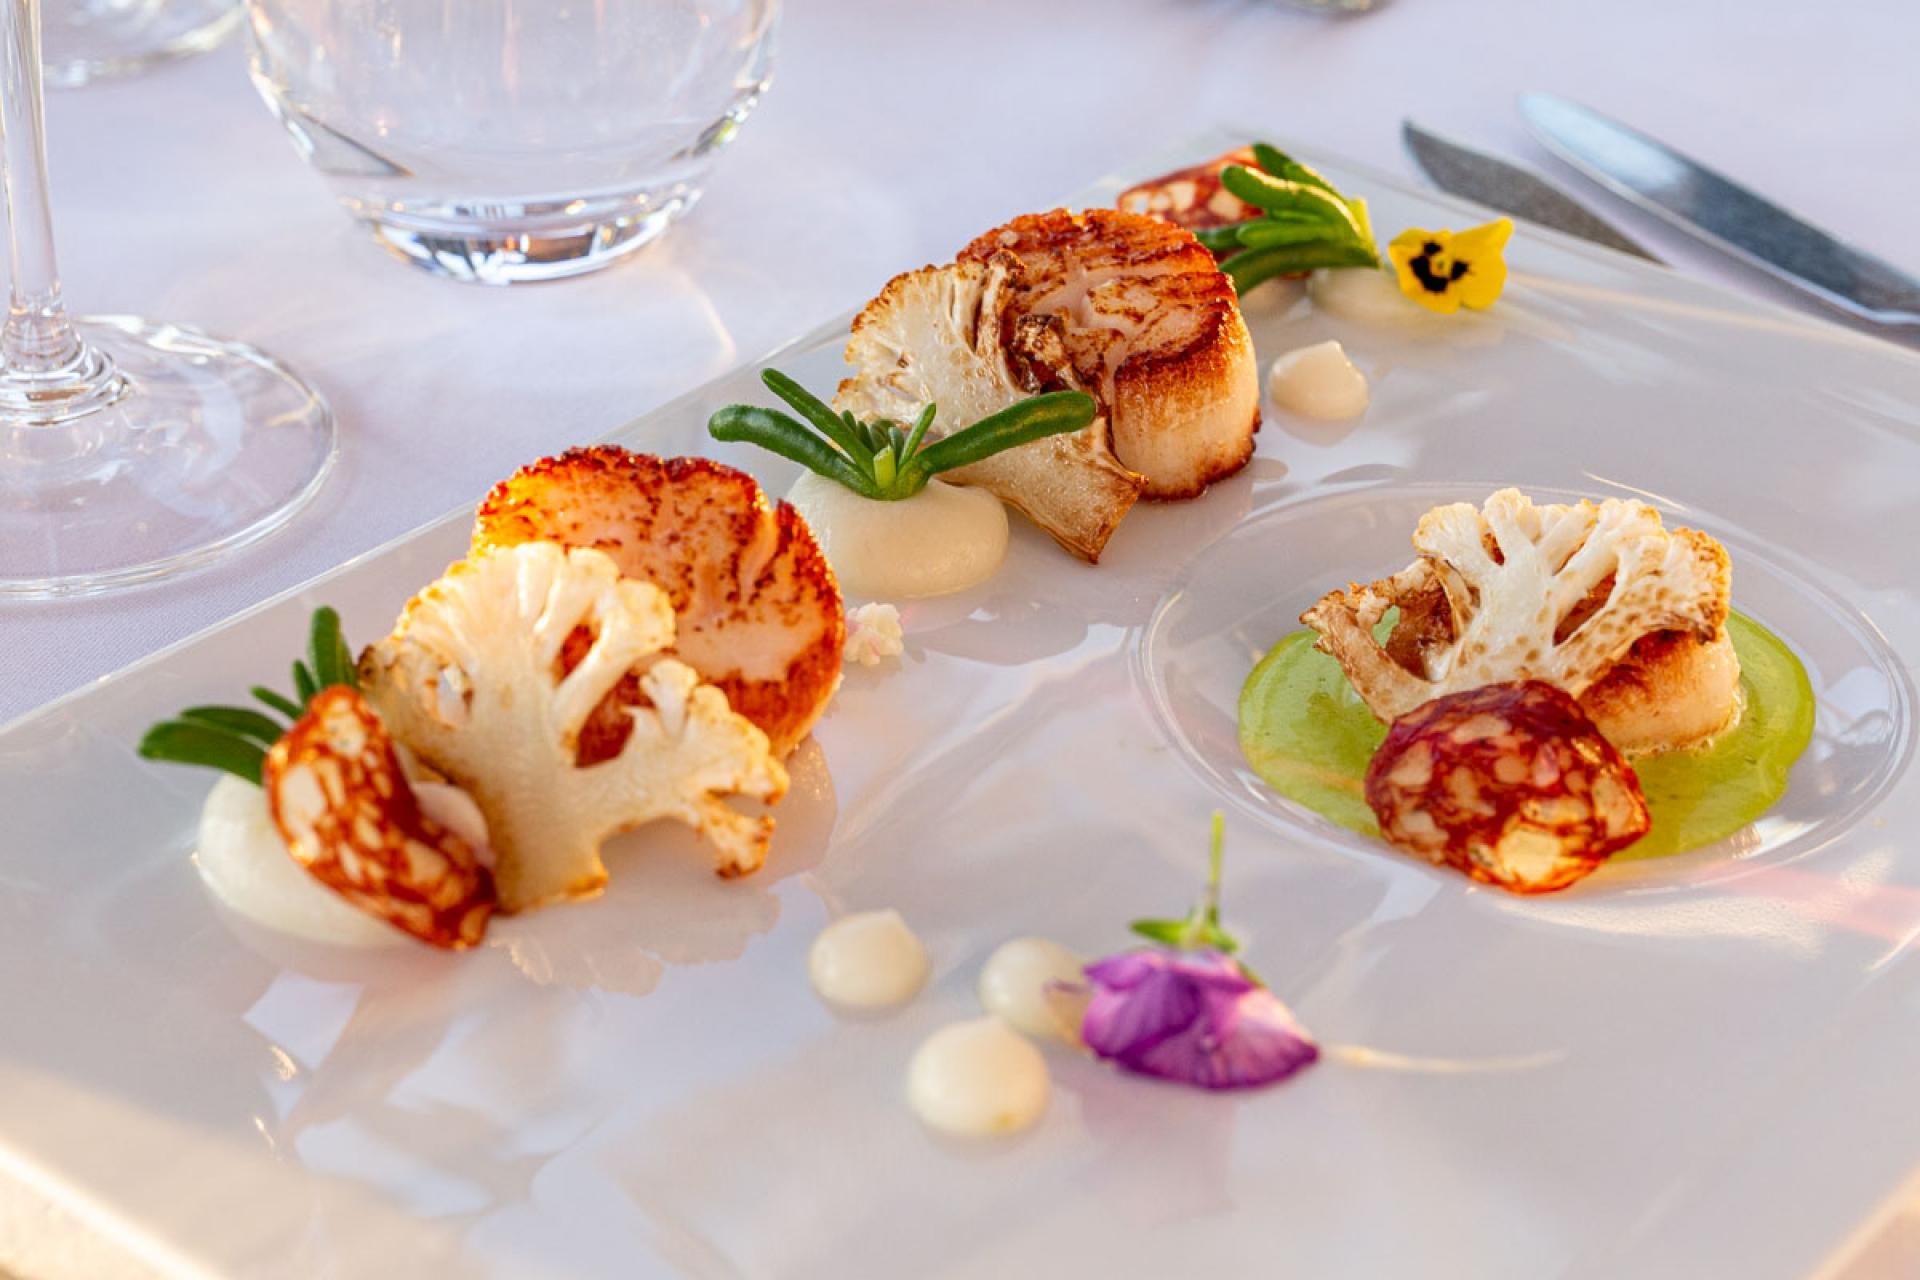 AlgarveCool_Comer_Restaurante_Ria_Formosa